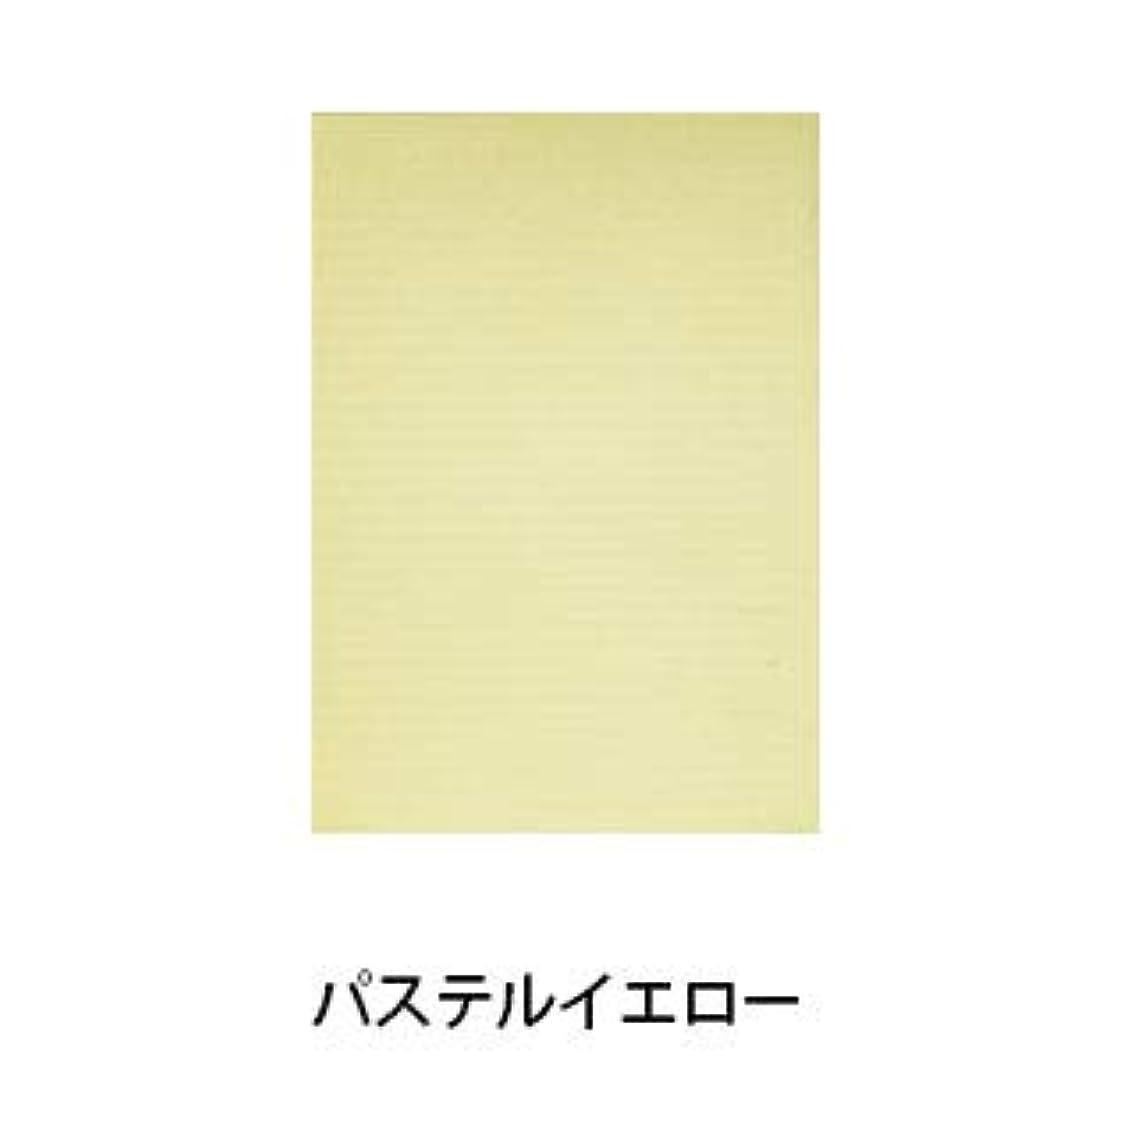 同級生プライムダンス【パステルシリーズ】100枚入り ネイルシート ペーパークロス (パステルイエロー)